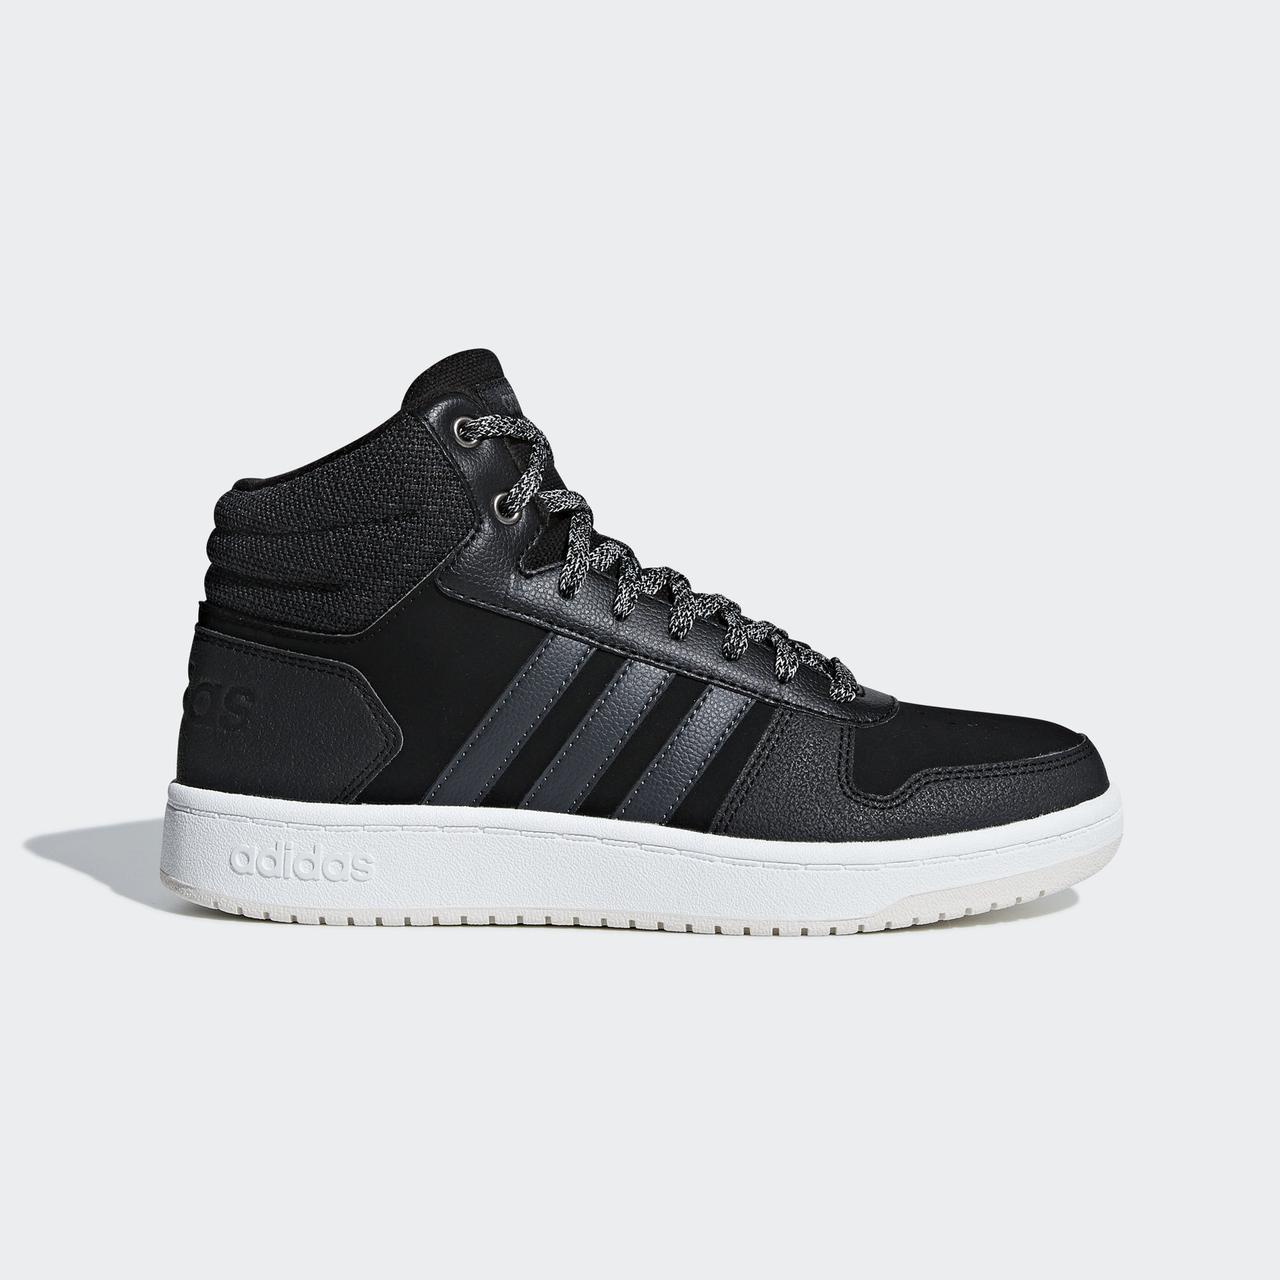 Купить Женские кроссовки Adidas Neo Hoops 2.0 Mid (Артикул  B42110 ... 9823c371998